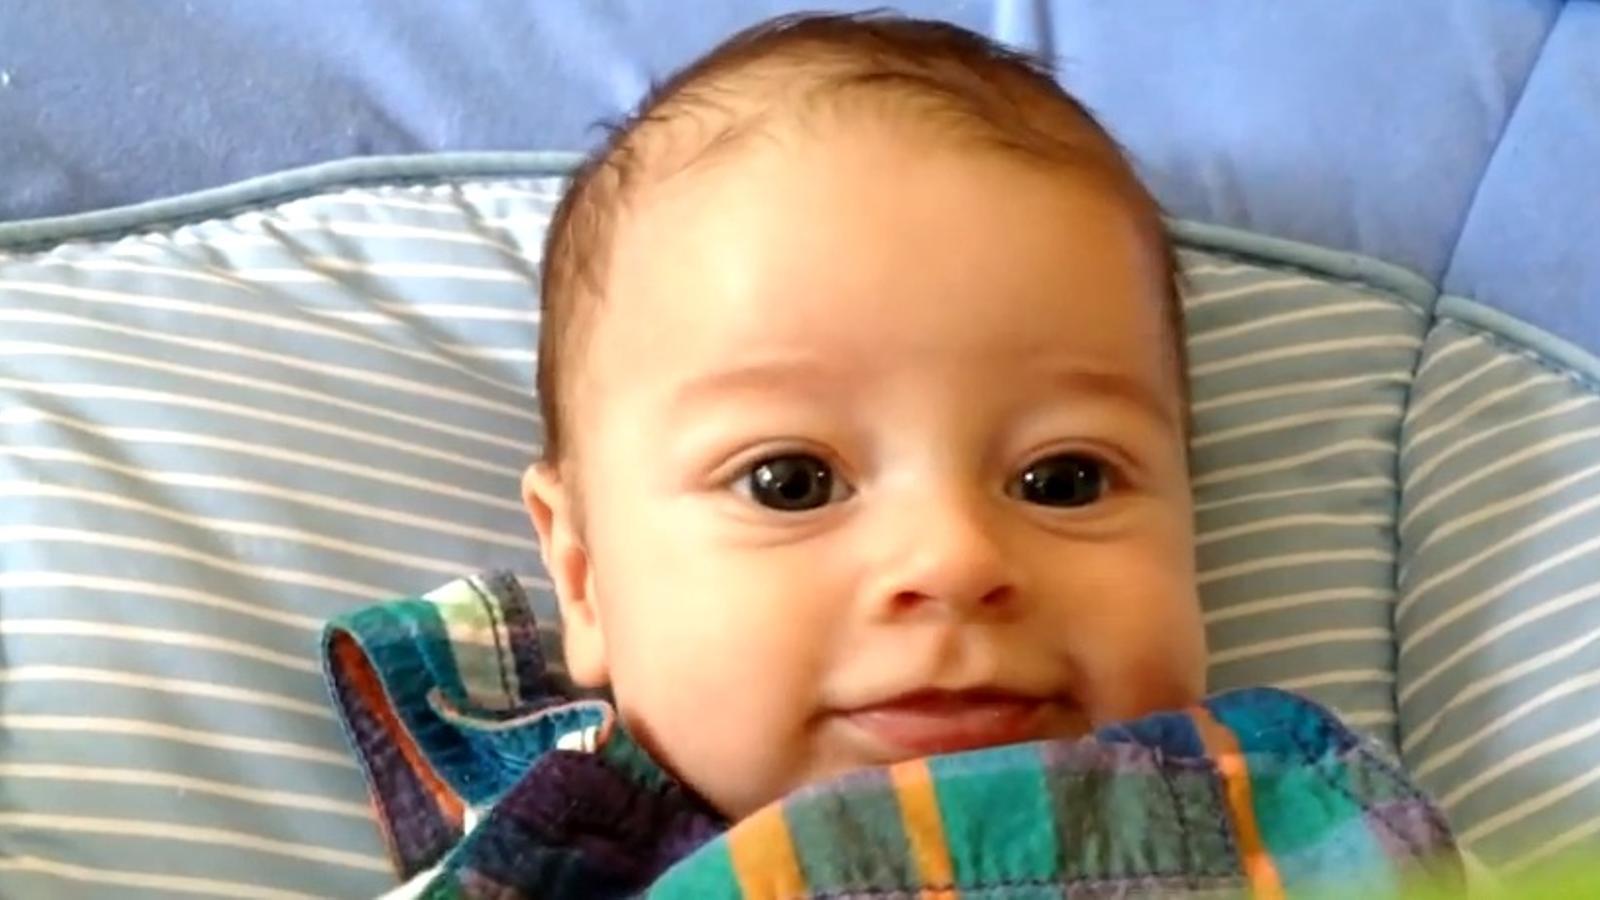 365 segons en la vida d'un nadó, 365 segons d'un vídeo que triomfa a internet